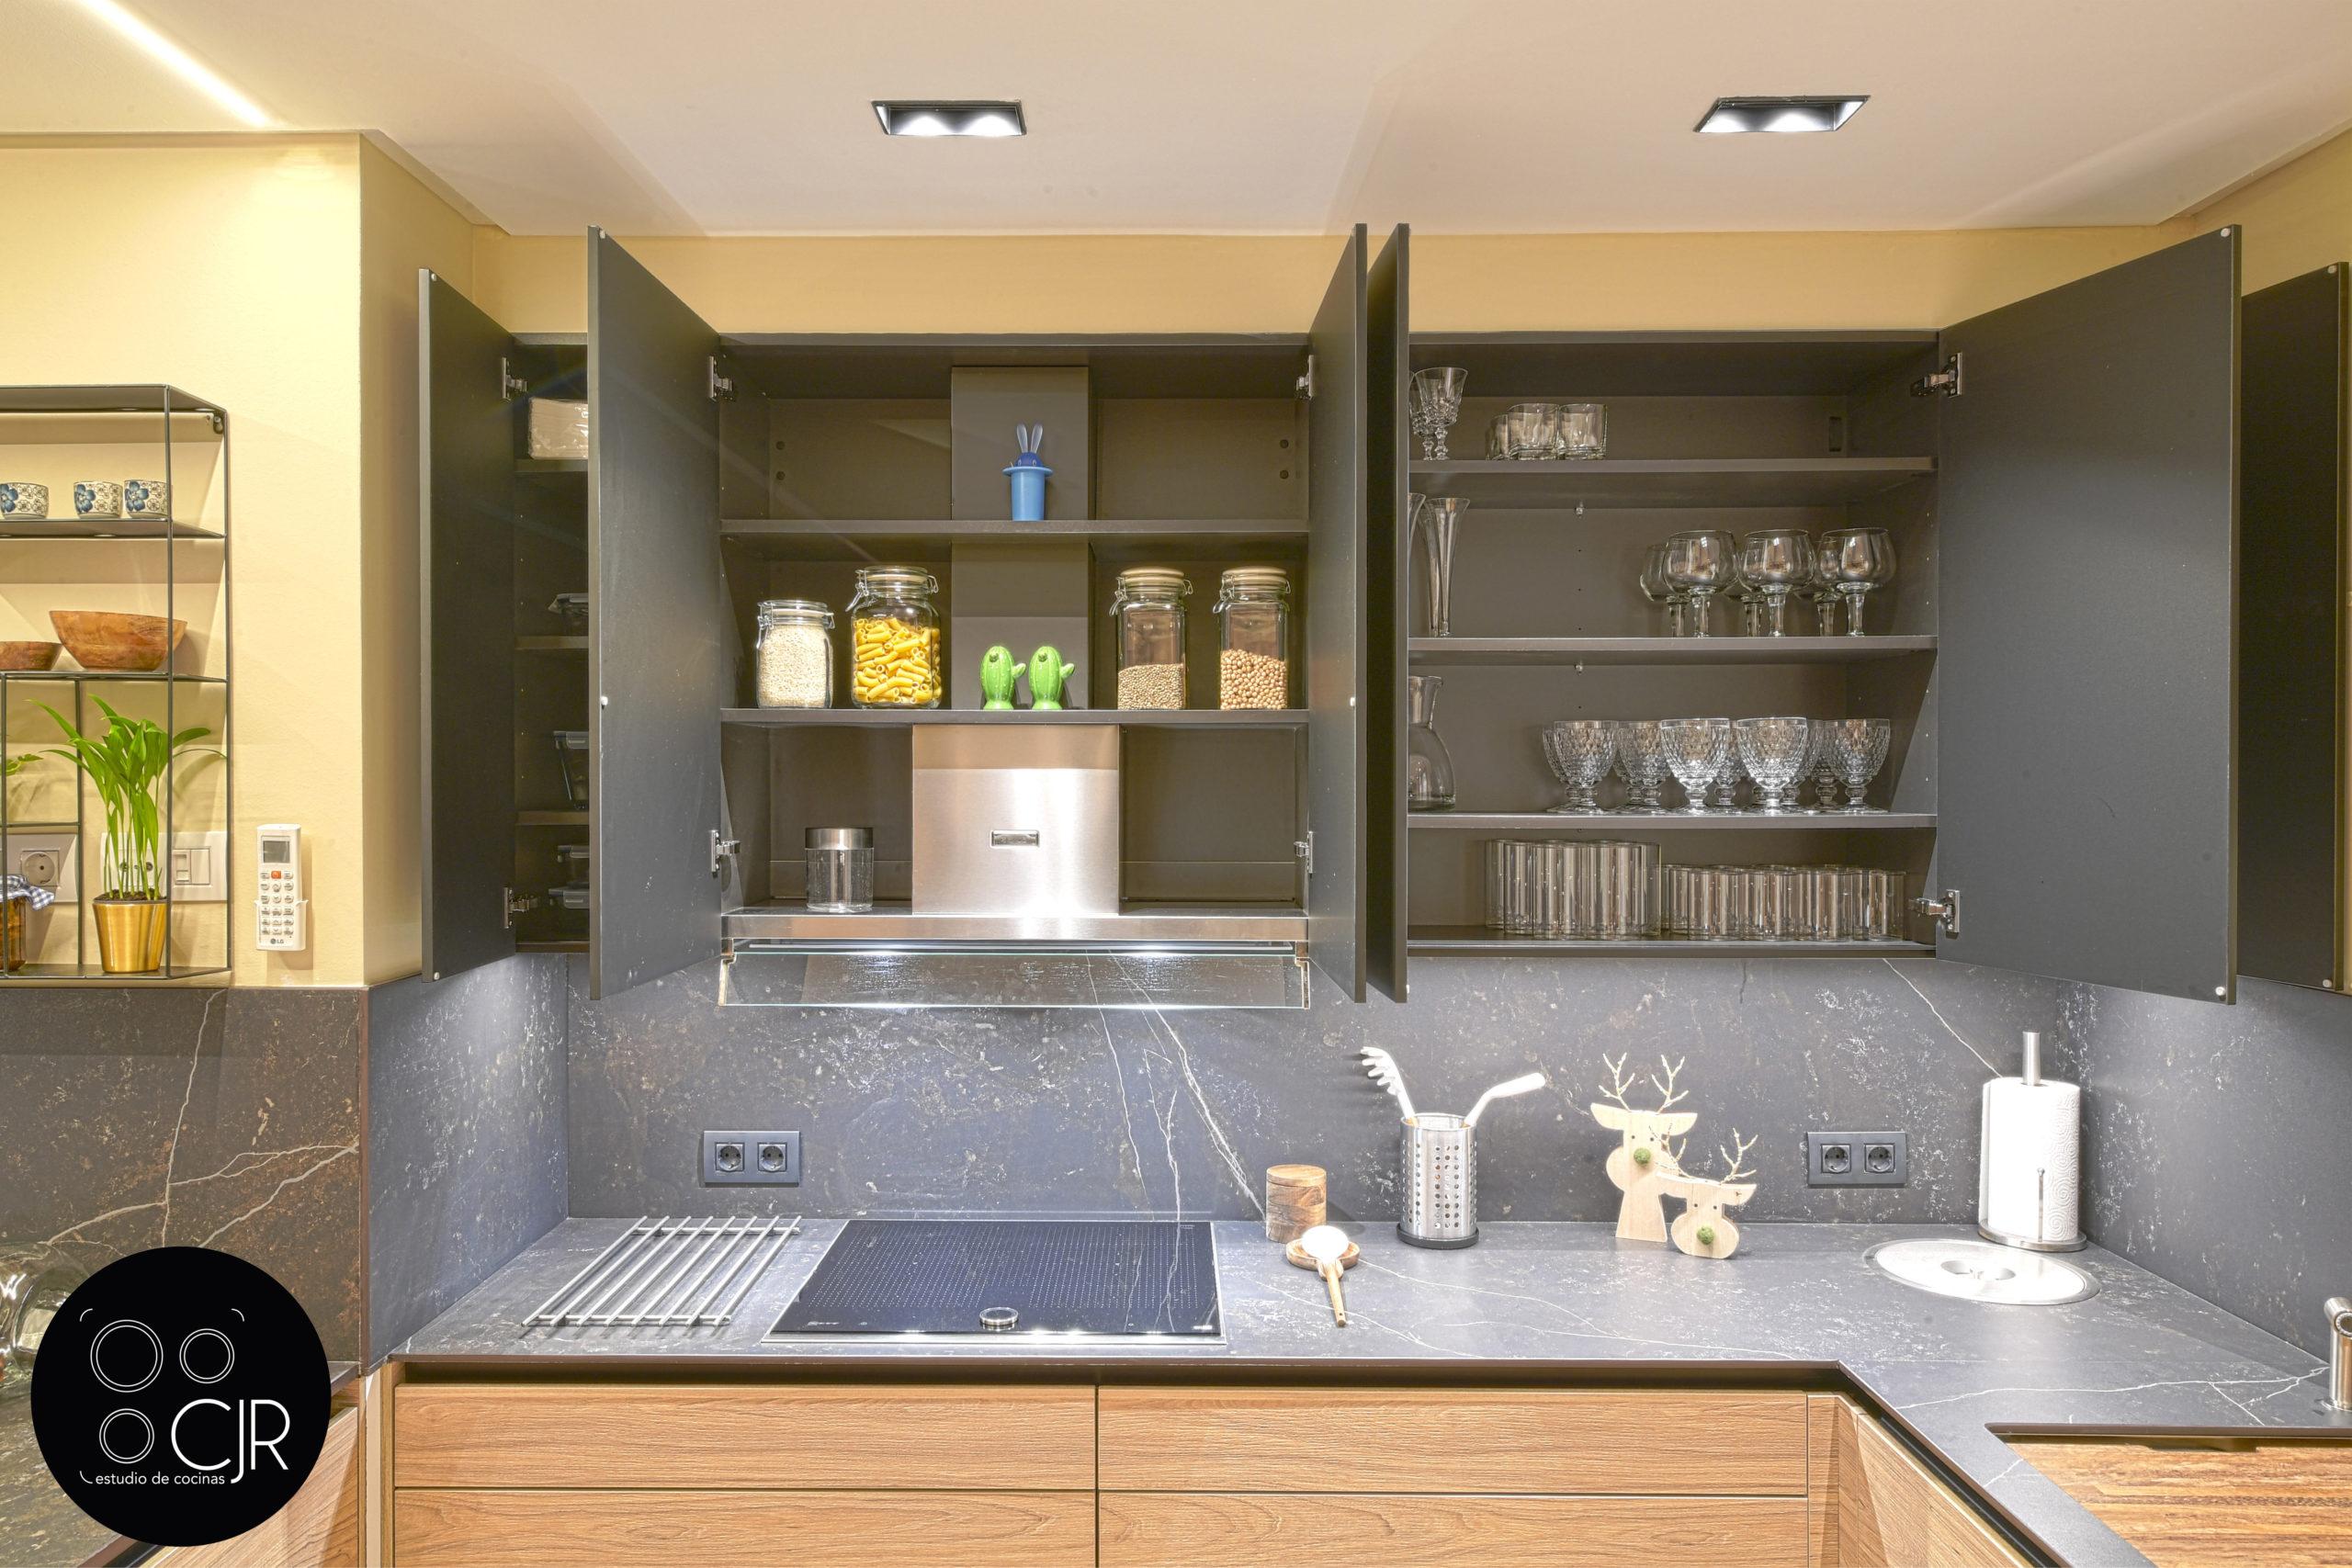 Cajonera superior abierta en cocina moderna negra y madera